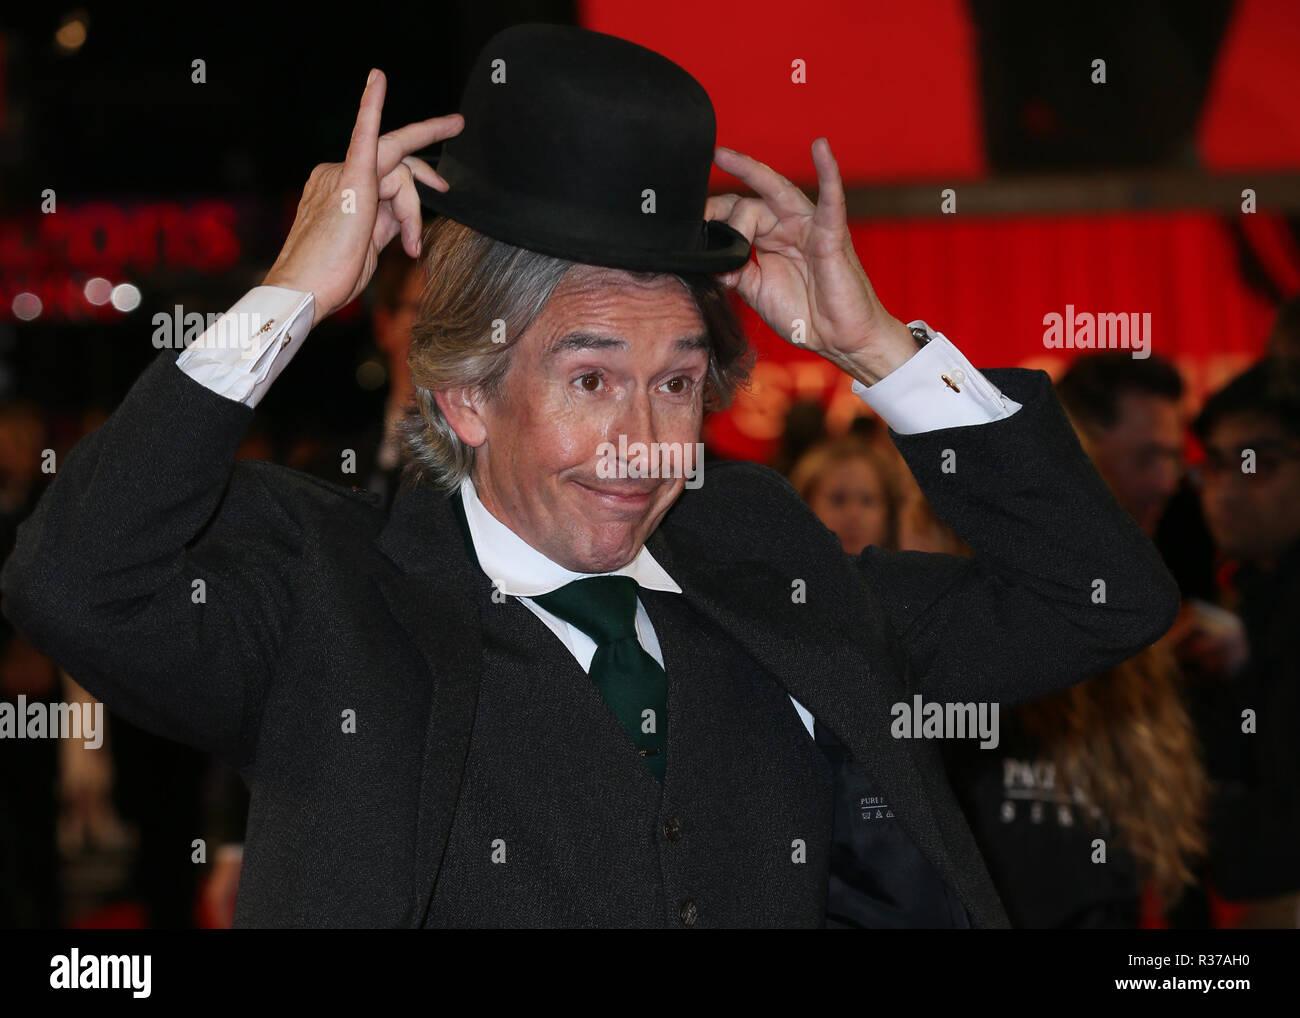 La 62e BFI London Film Festival World Premiere de 'Stan & Ollie' tenue à l'Cineworld Leicester Square - Arrivées avec: Steve Coogan Où: London, Royaume-Uni Quand: 21 Oct 2018 Crédit: Mario Mitsis/WENN.com Banque D'Images